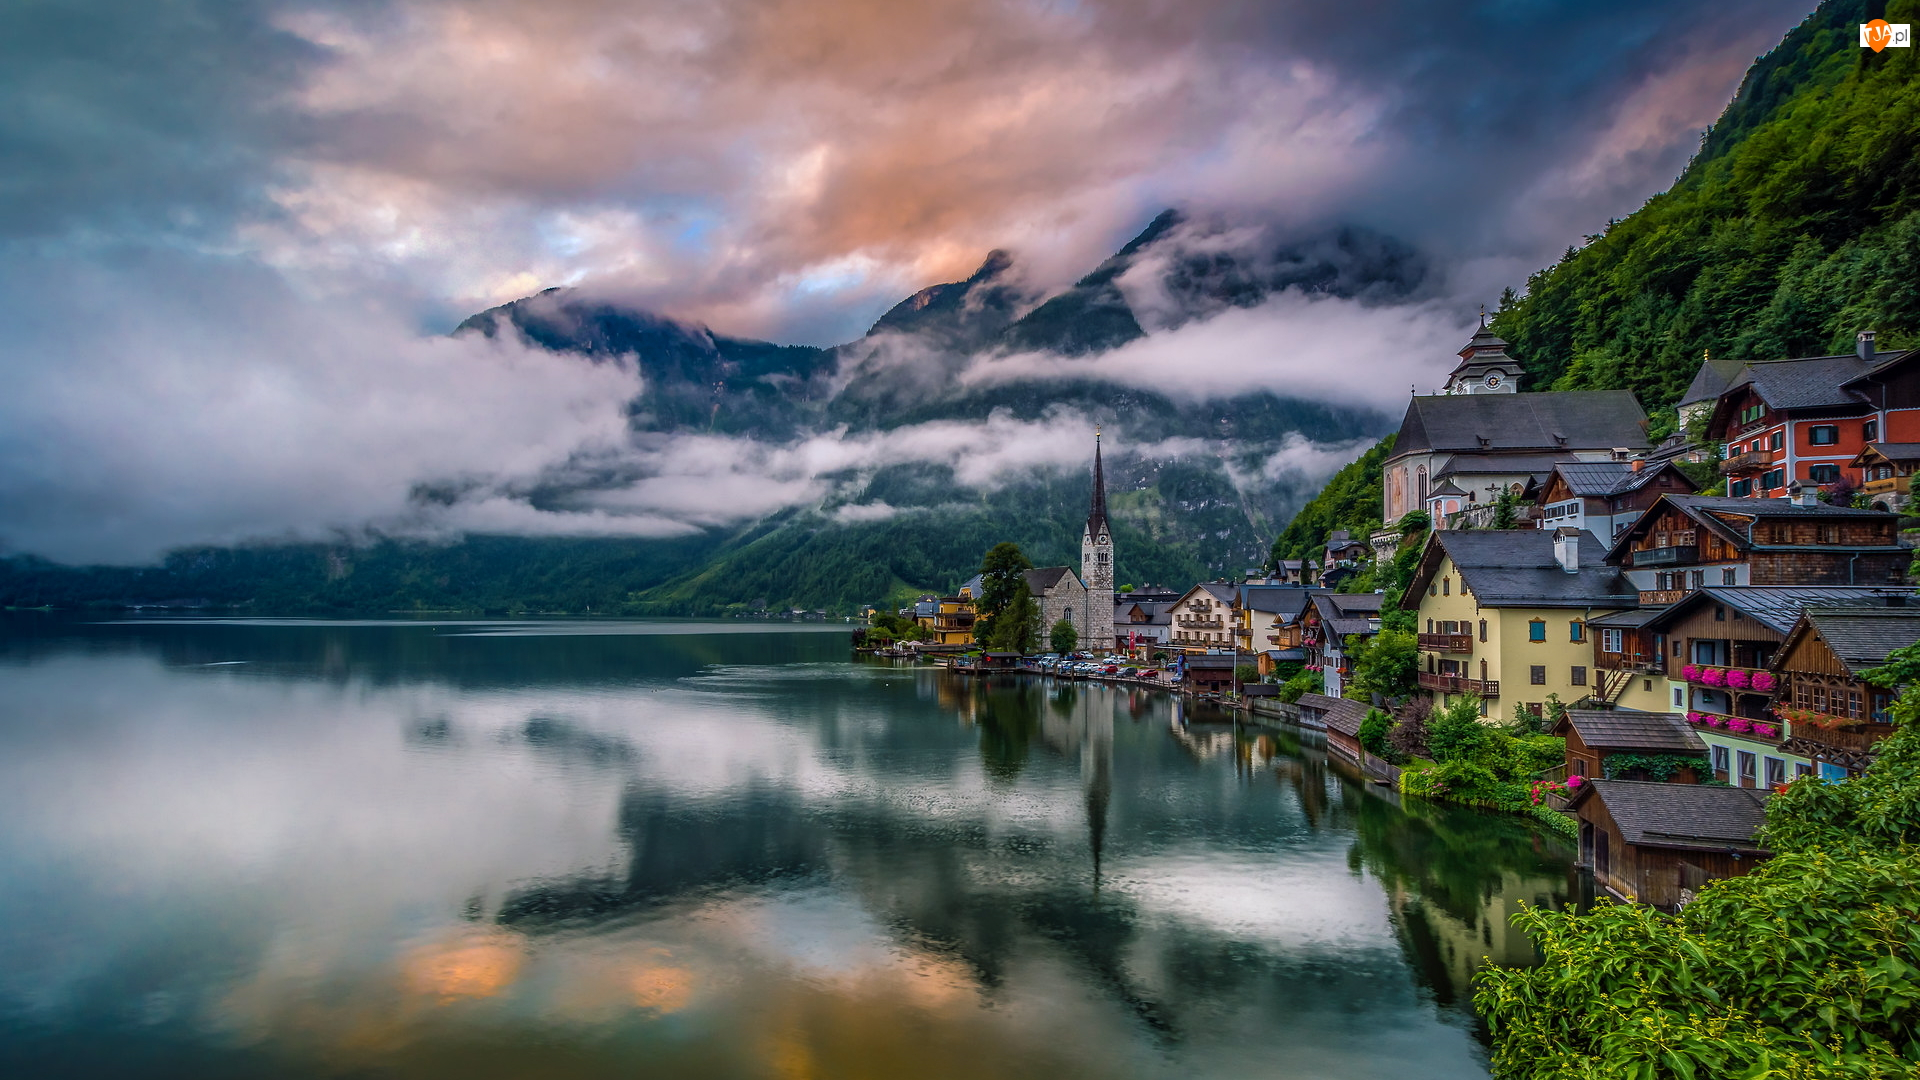 Kościół, Mgła, Jezioro Hallstattersee, Hallstatt, Góry, Domy, Austria, Alpy Salzburskie